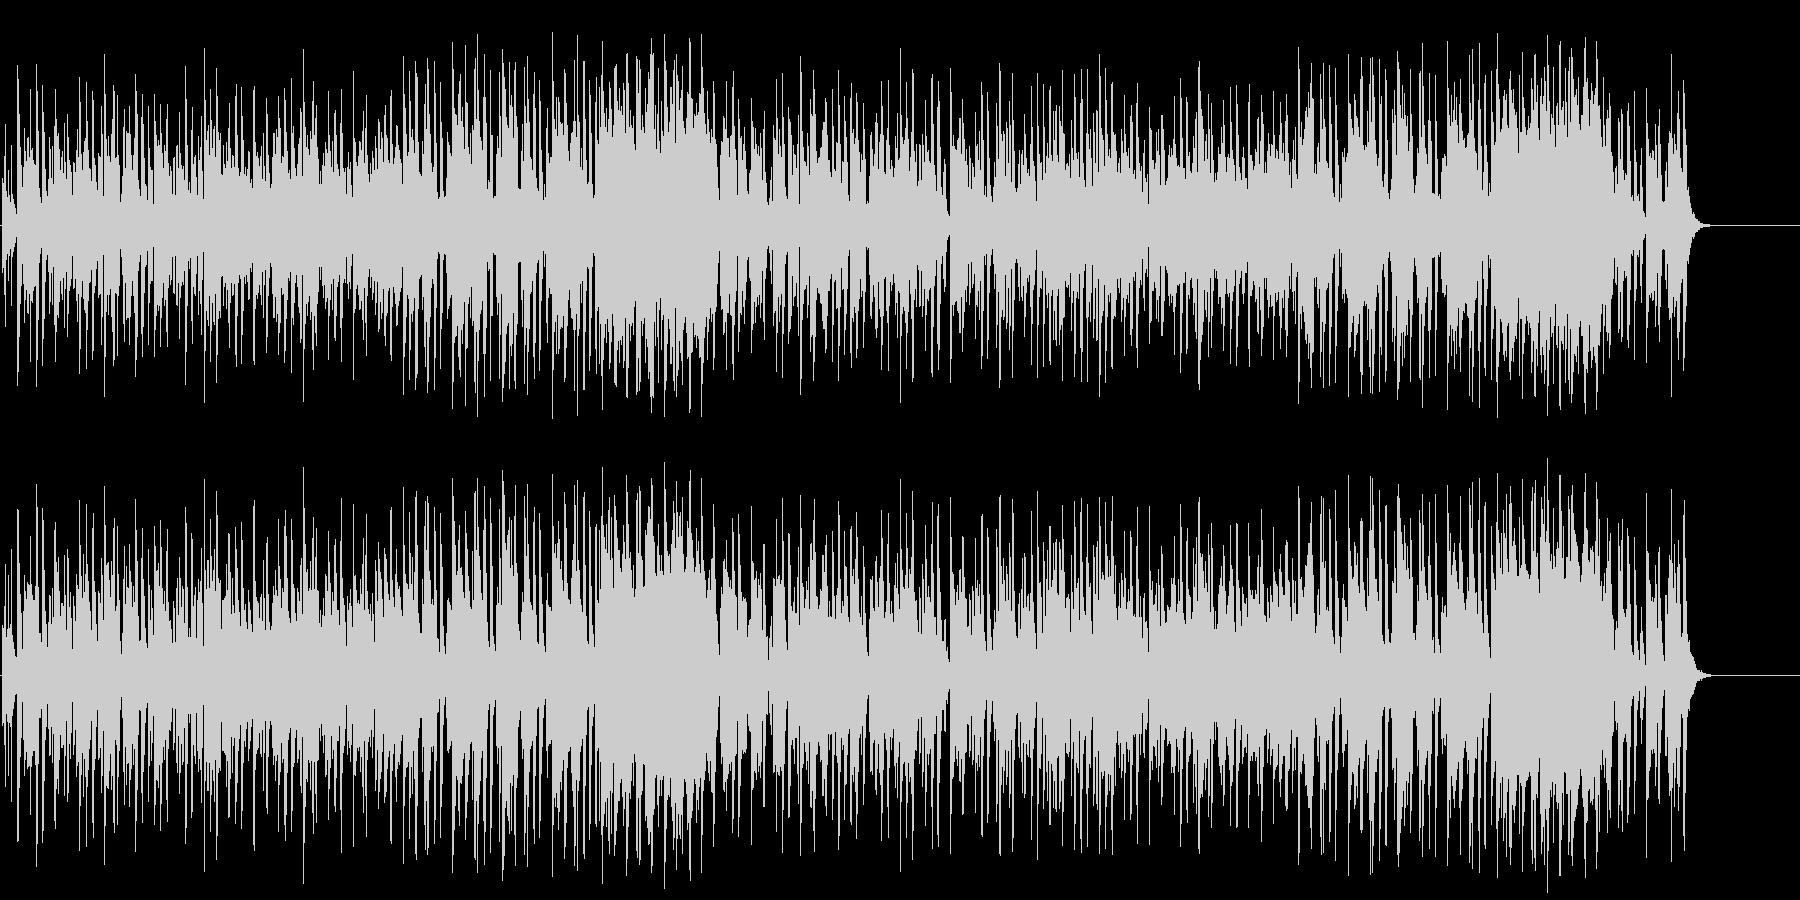 のんびりほのぼのムードのポップ/BGの未再生の波形